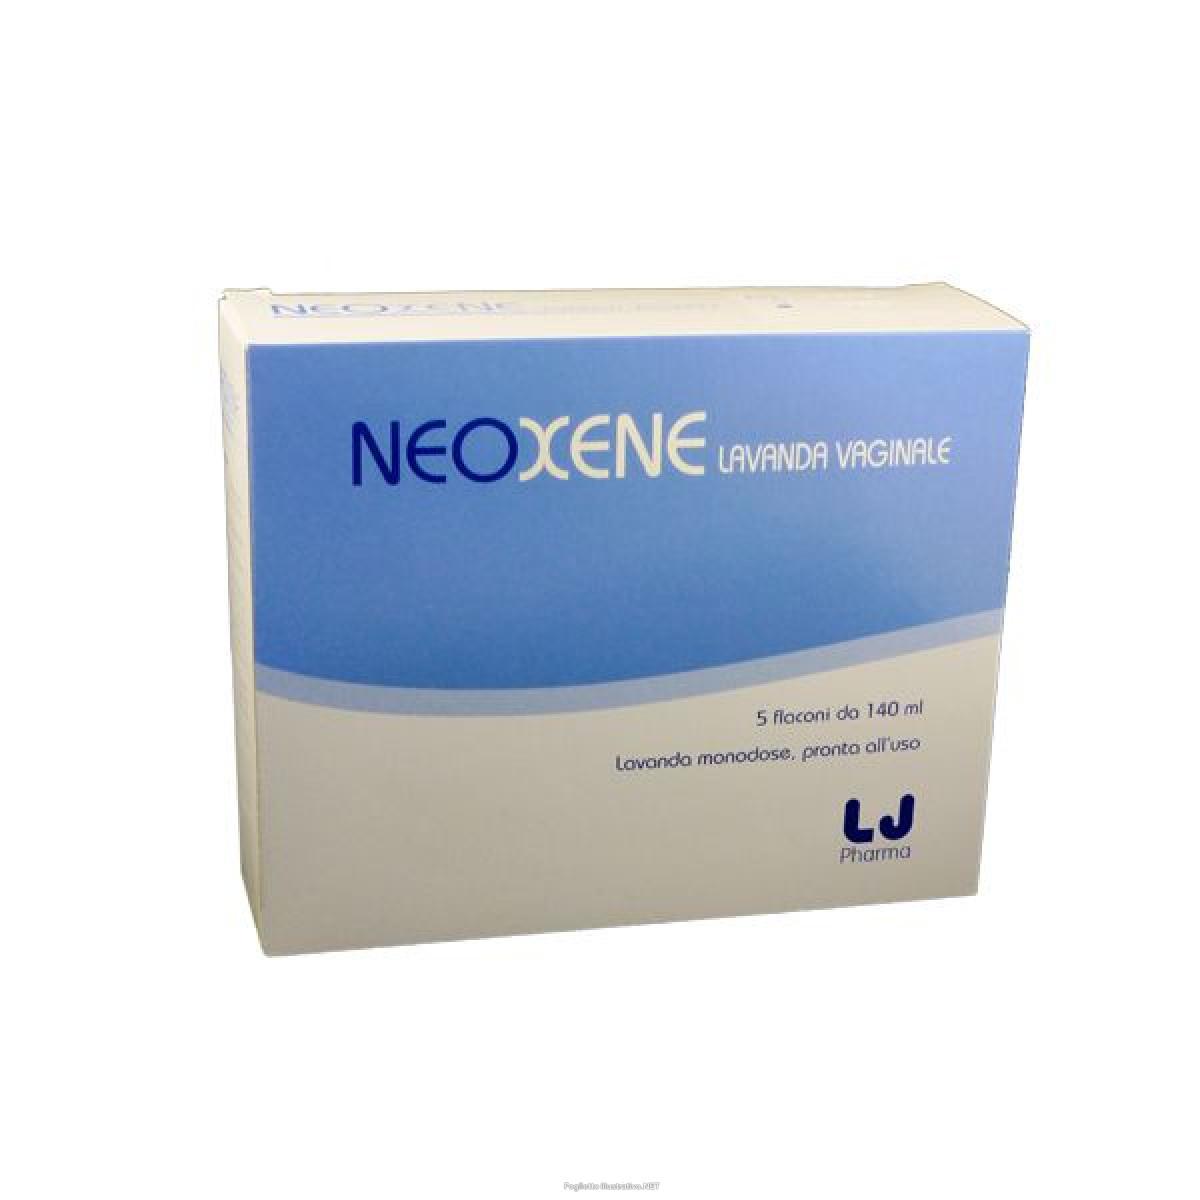 NEOXENE LAVANDA VAGINALE 5 FLACONI 140 ML - Farmafamily.it